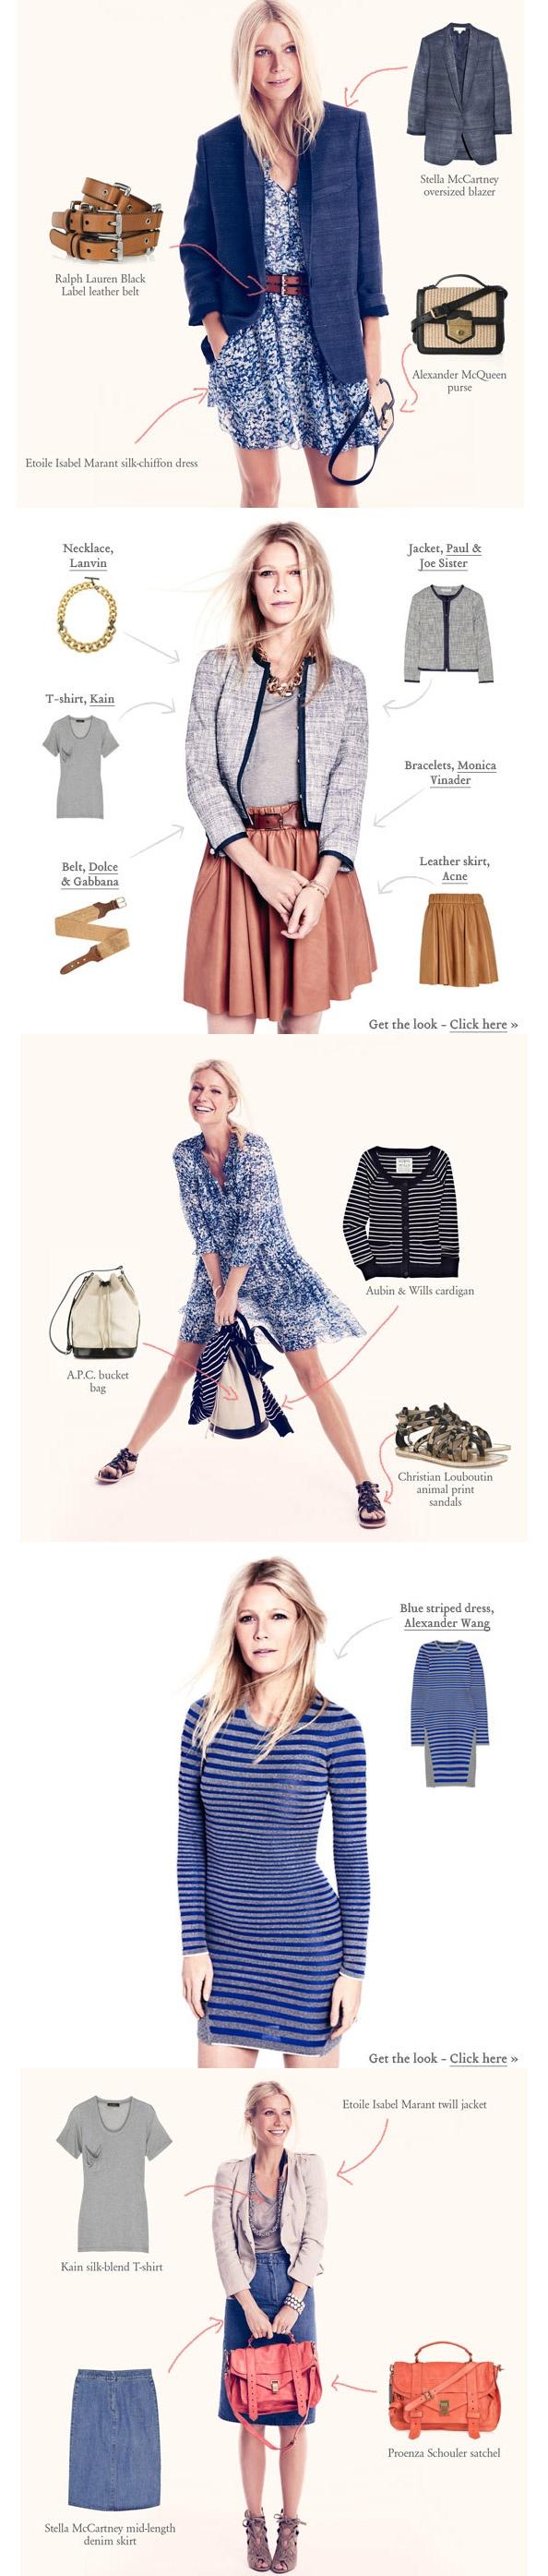 fashion-gazette-barbara-resende-gwyneth-paltrow-goop-newsletter-looks